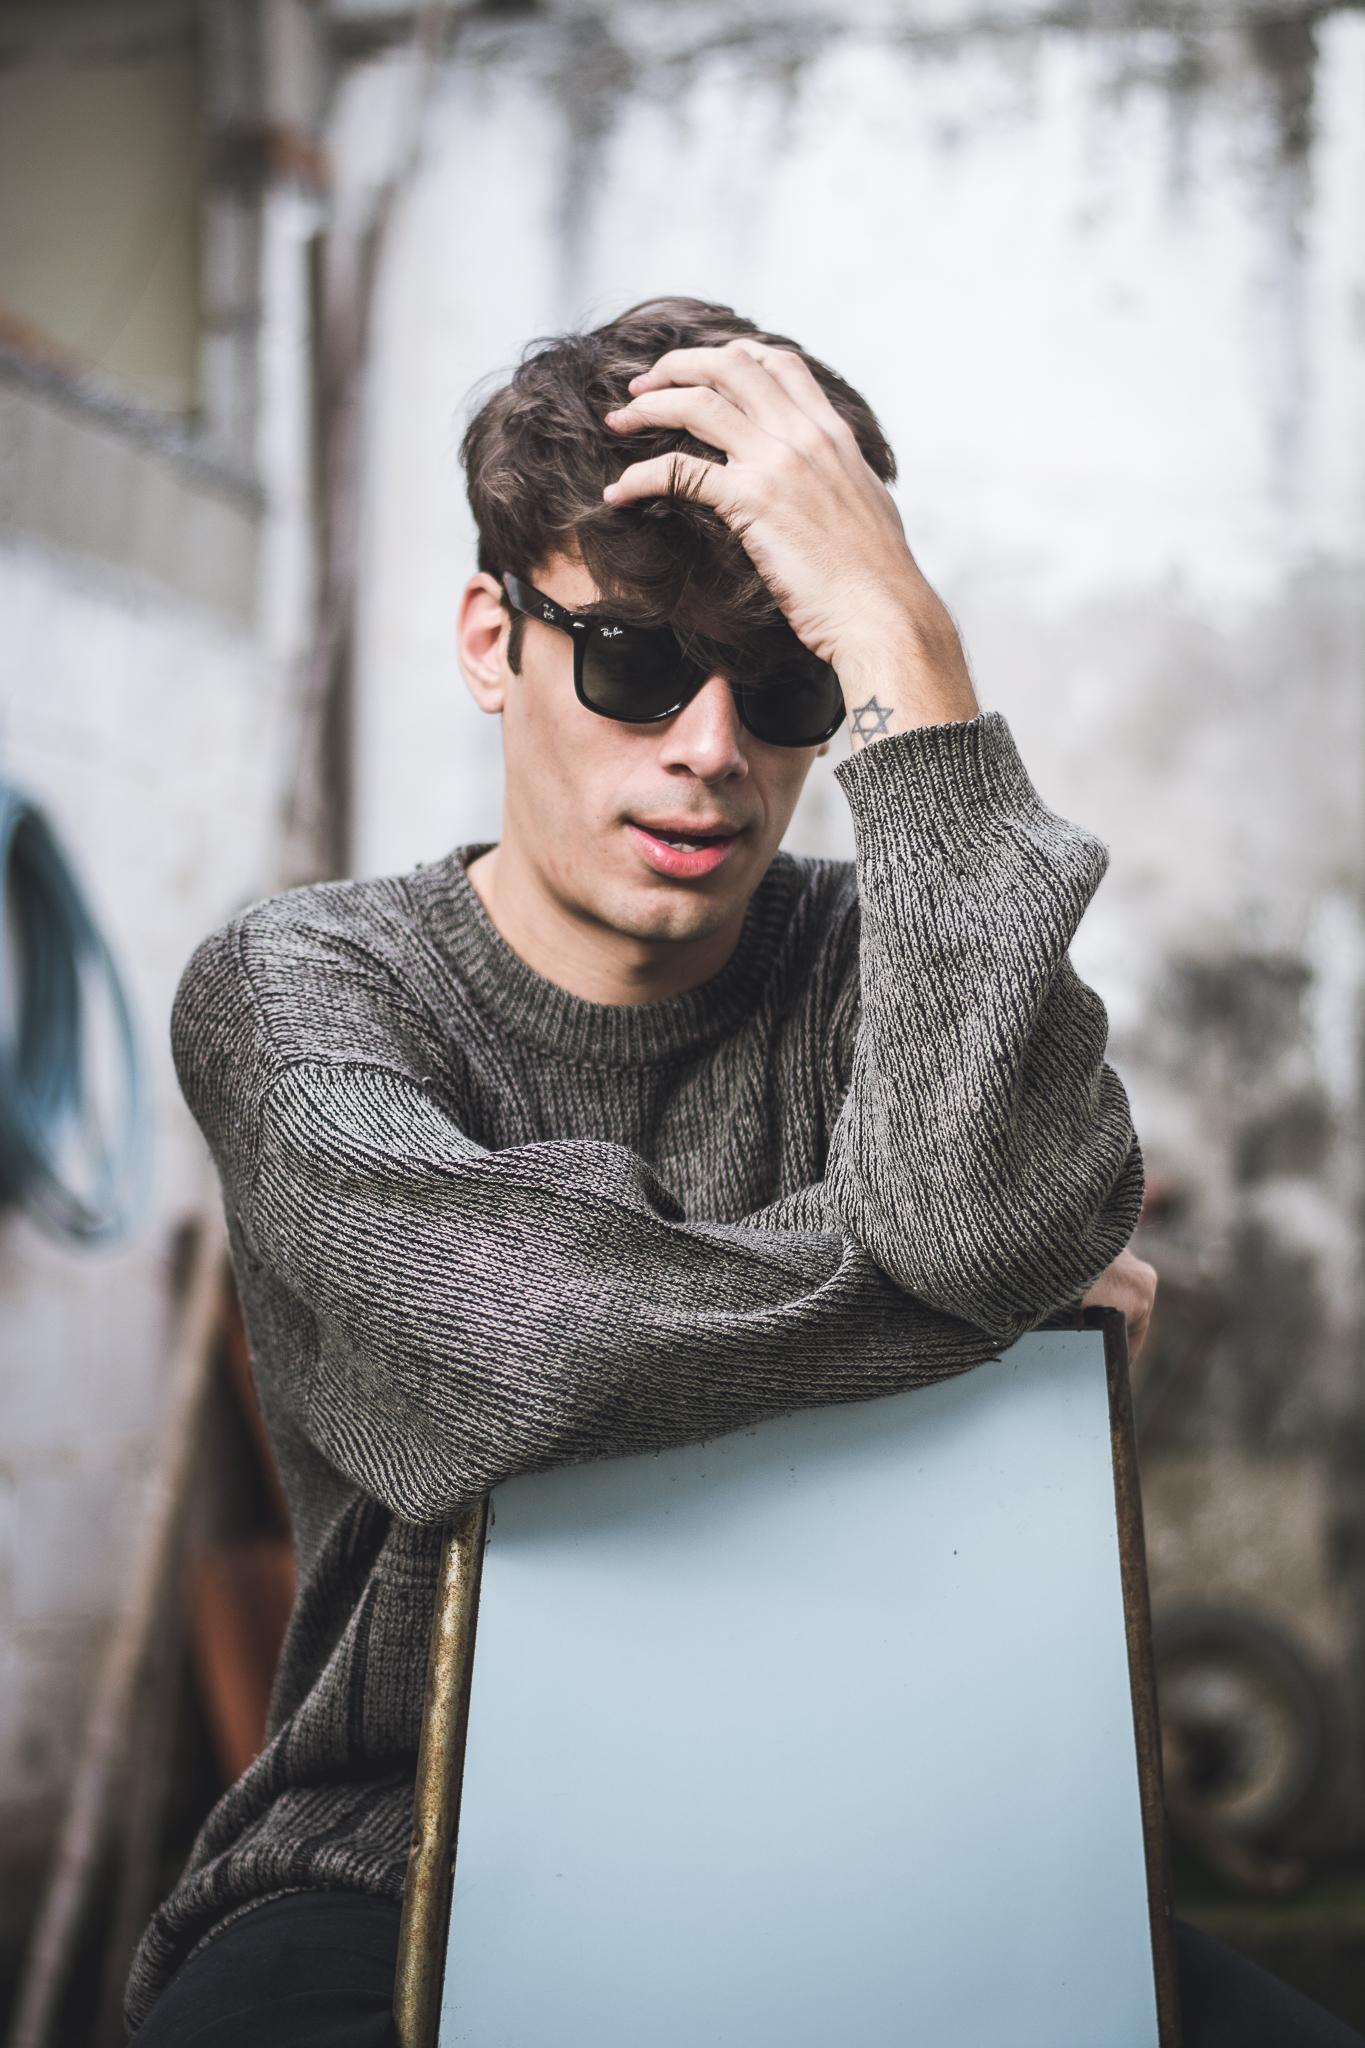 alex-cursino-rafaella-santiago-matheus-komatsu-shooting-editorial-de-moda-influencer-youtuber-blogueiro-de-moda-dicas-de-moda-como-ser-estiloso-anos-90-roupa-masculina-vogue-9